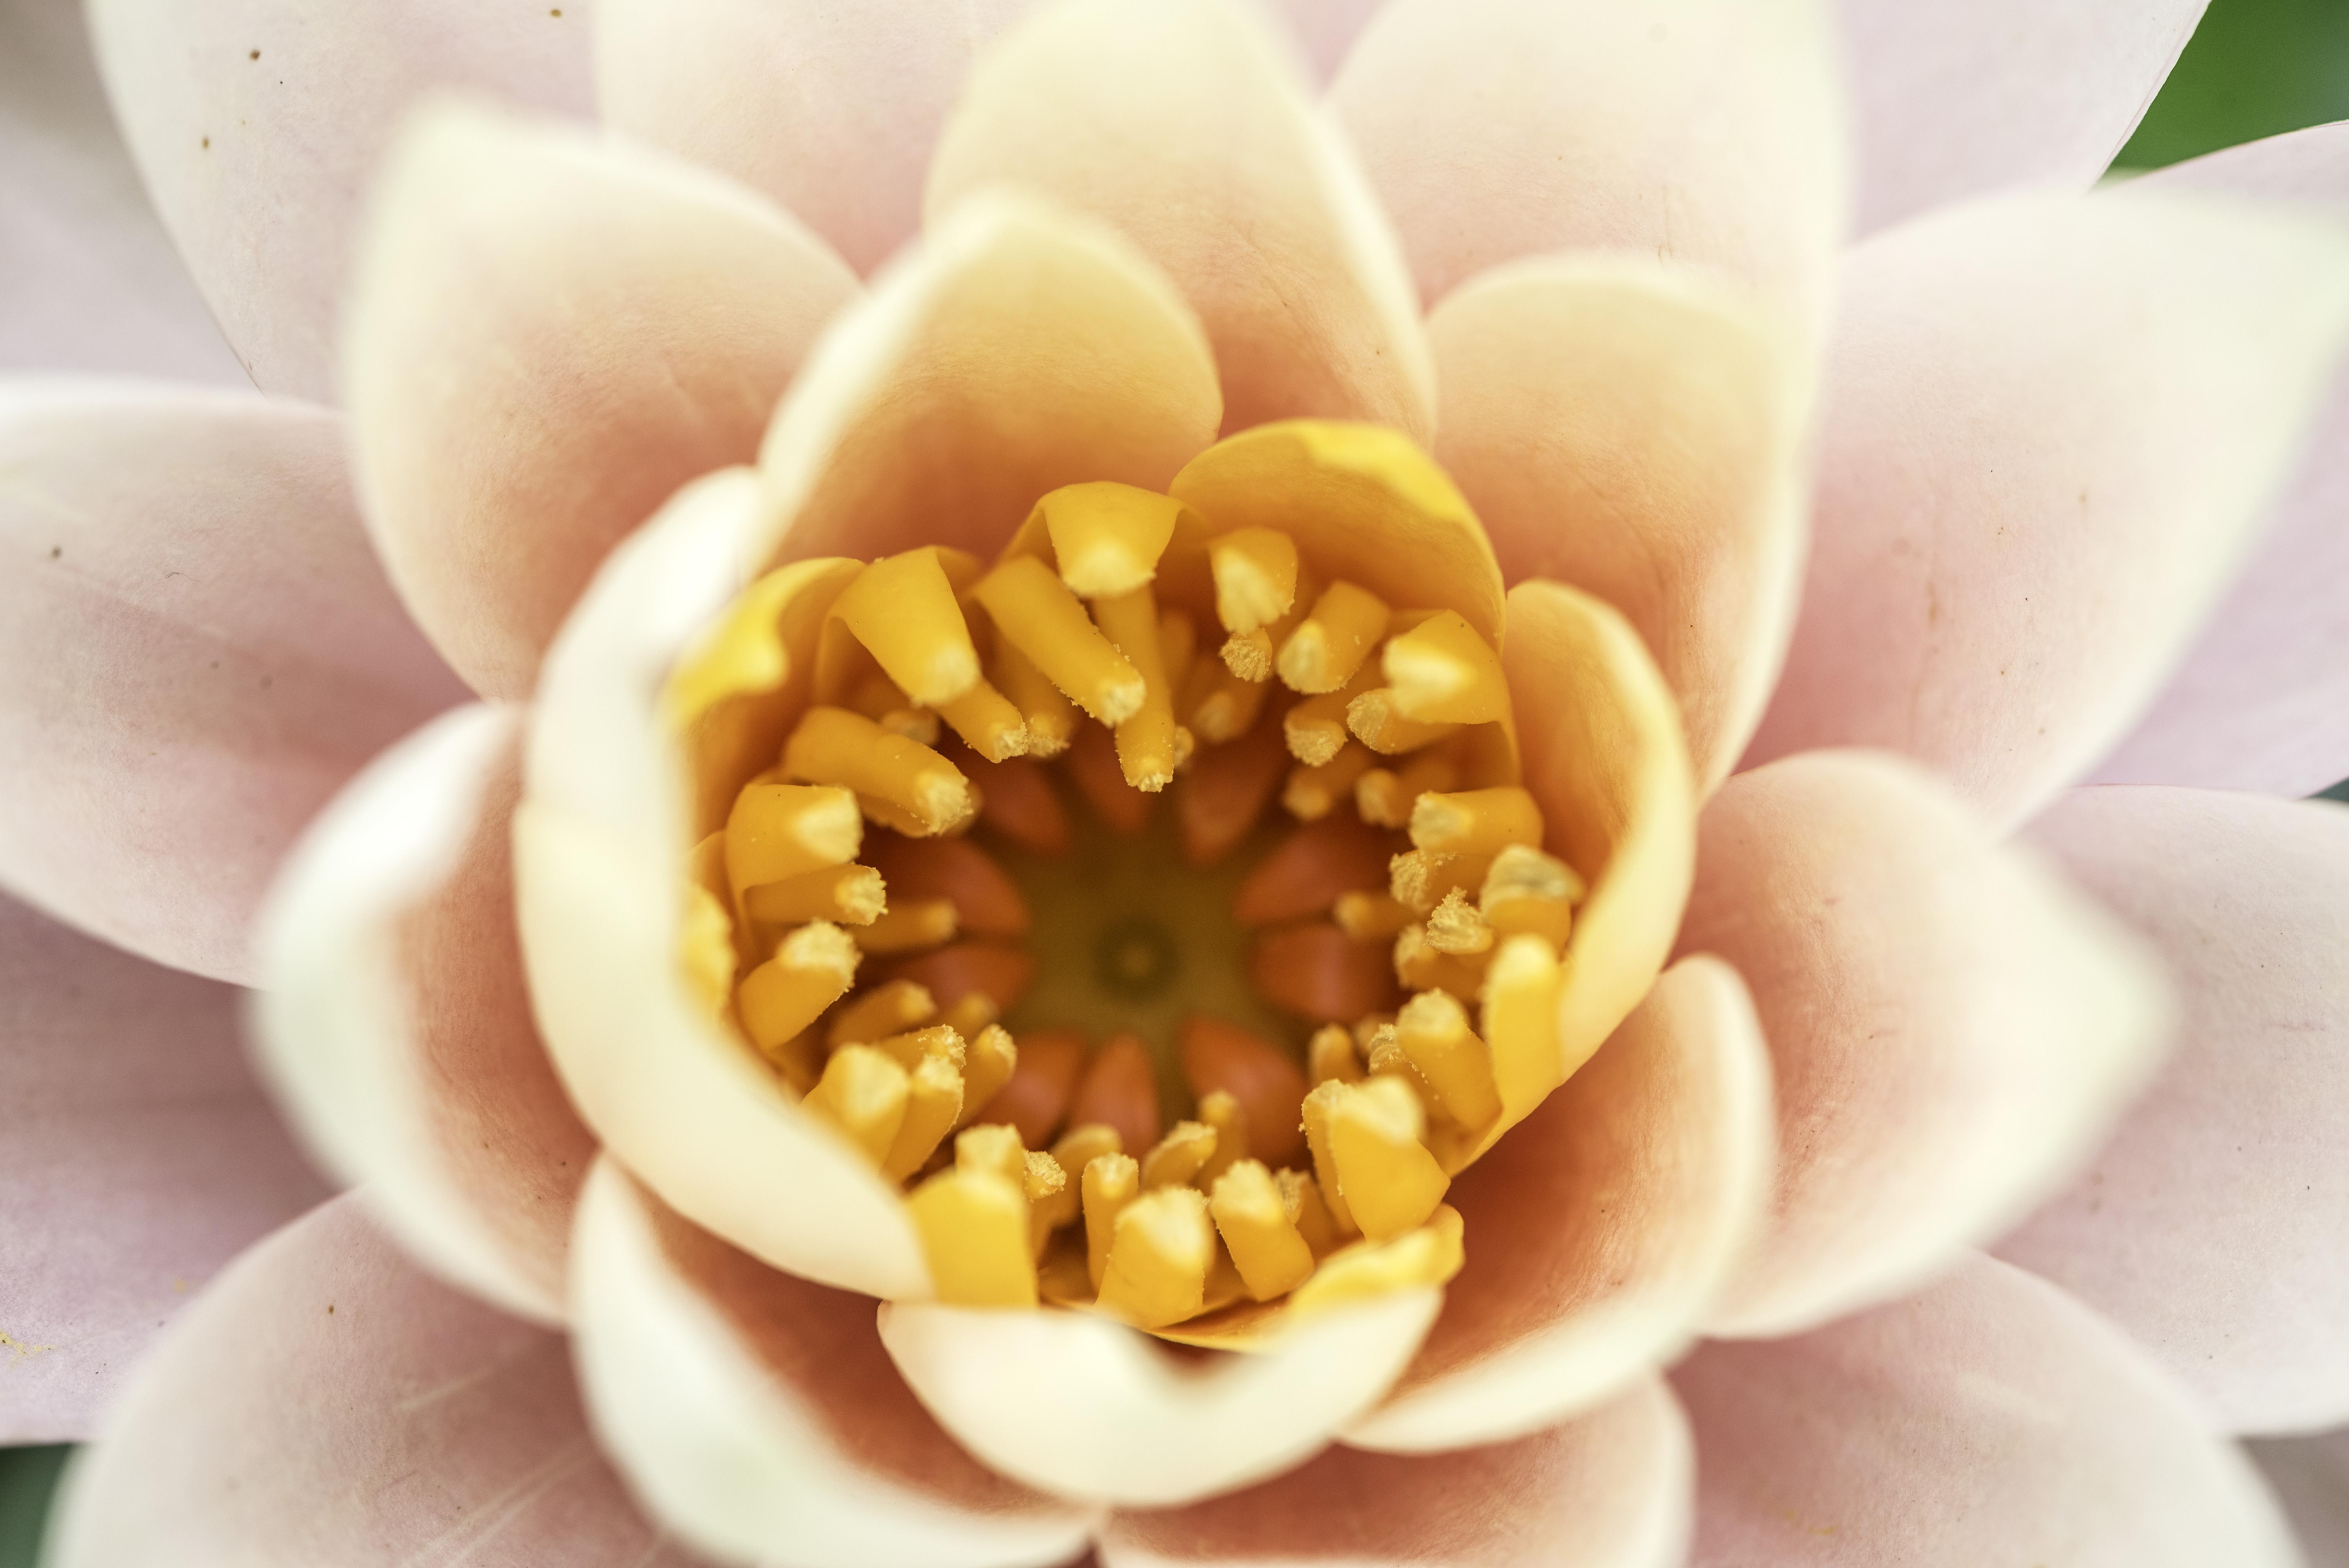 Orange Core Of White Flower Macro Image Free Stock Photo Public